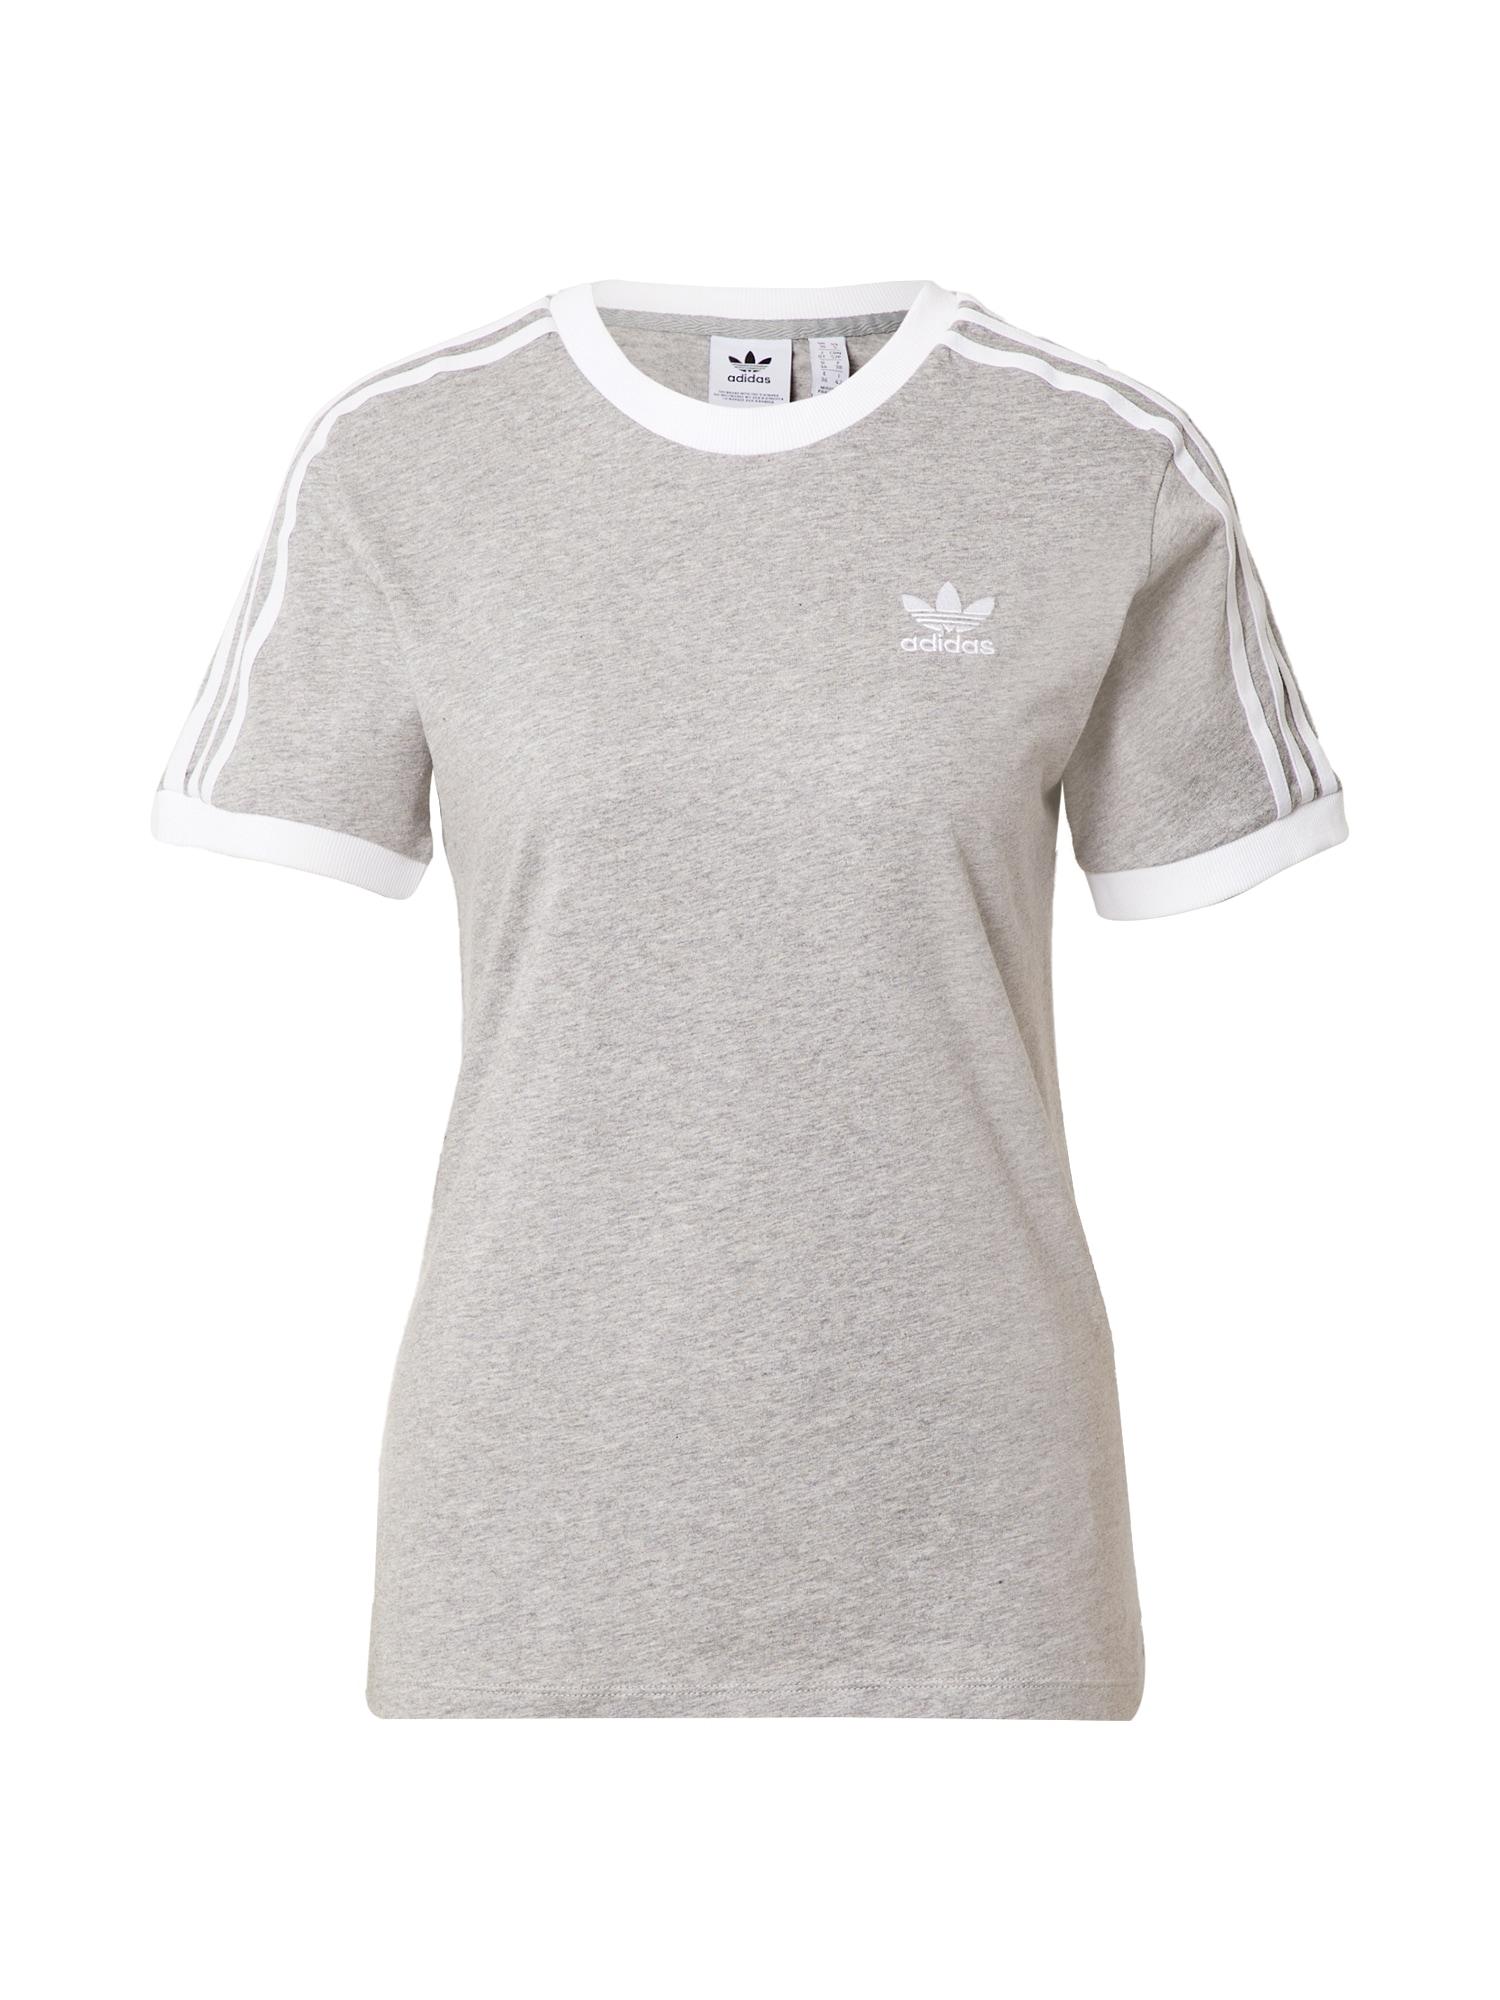 ADIDAS ORIGINALS Marškinėliai margai pilka / balta